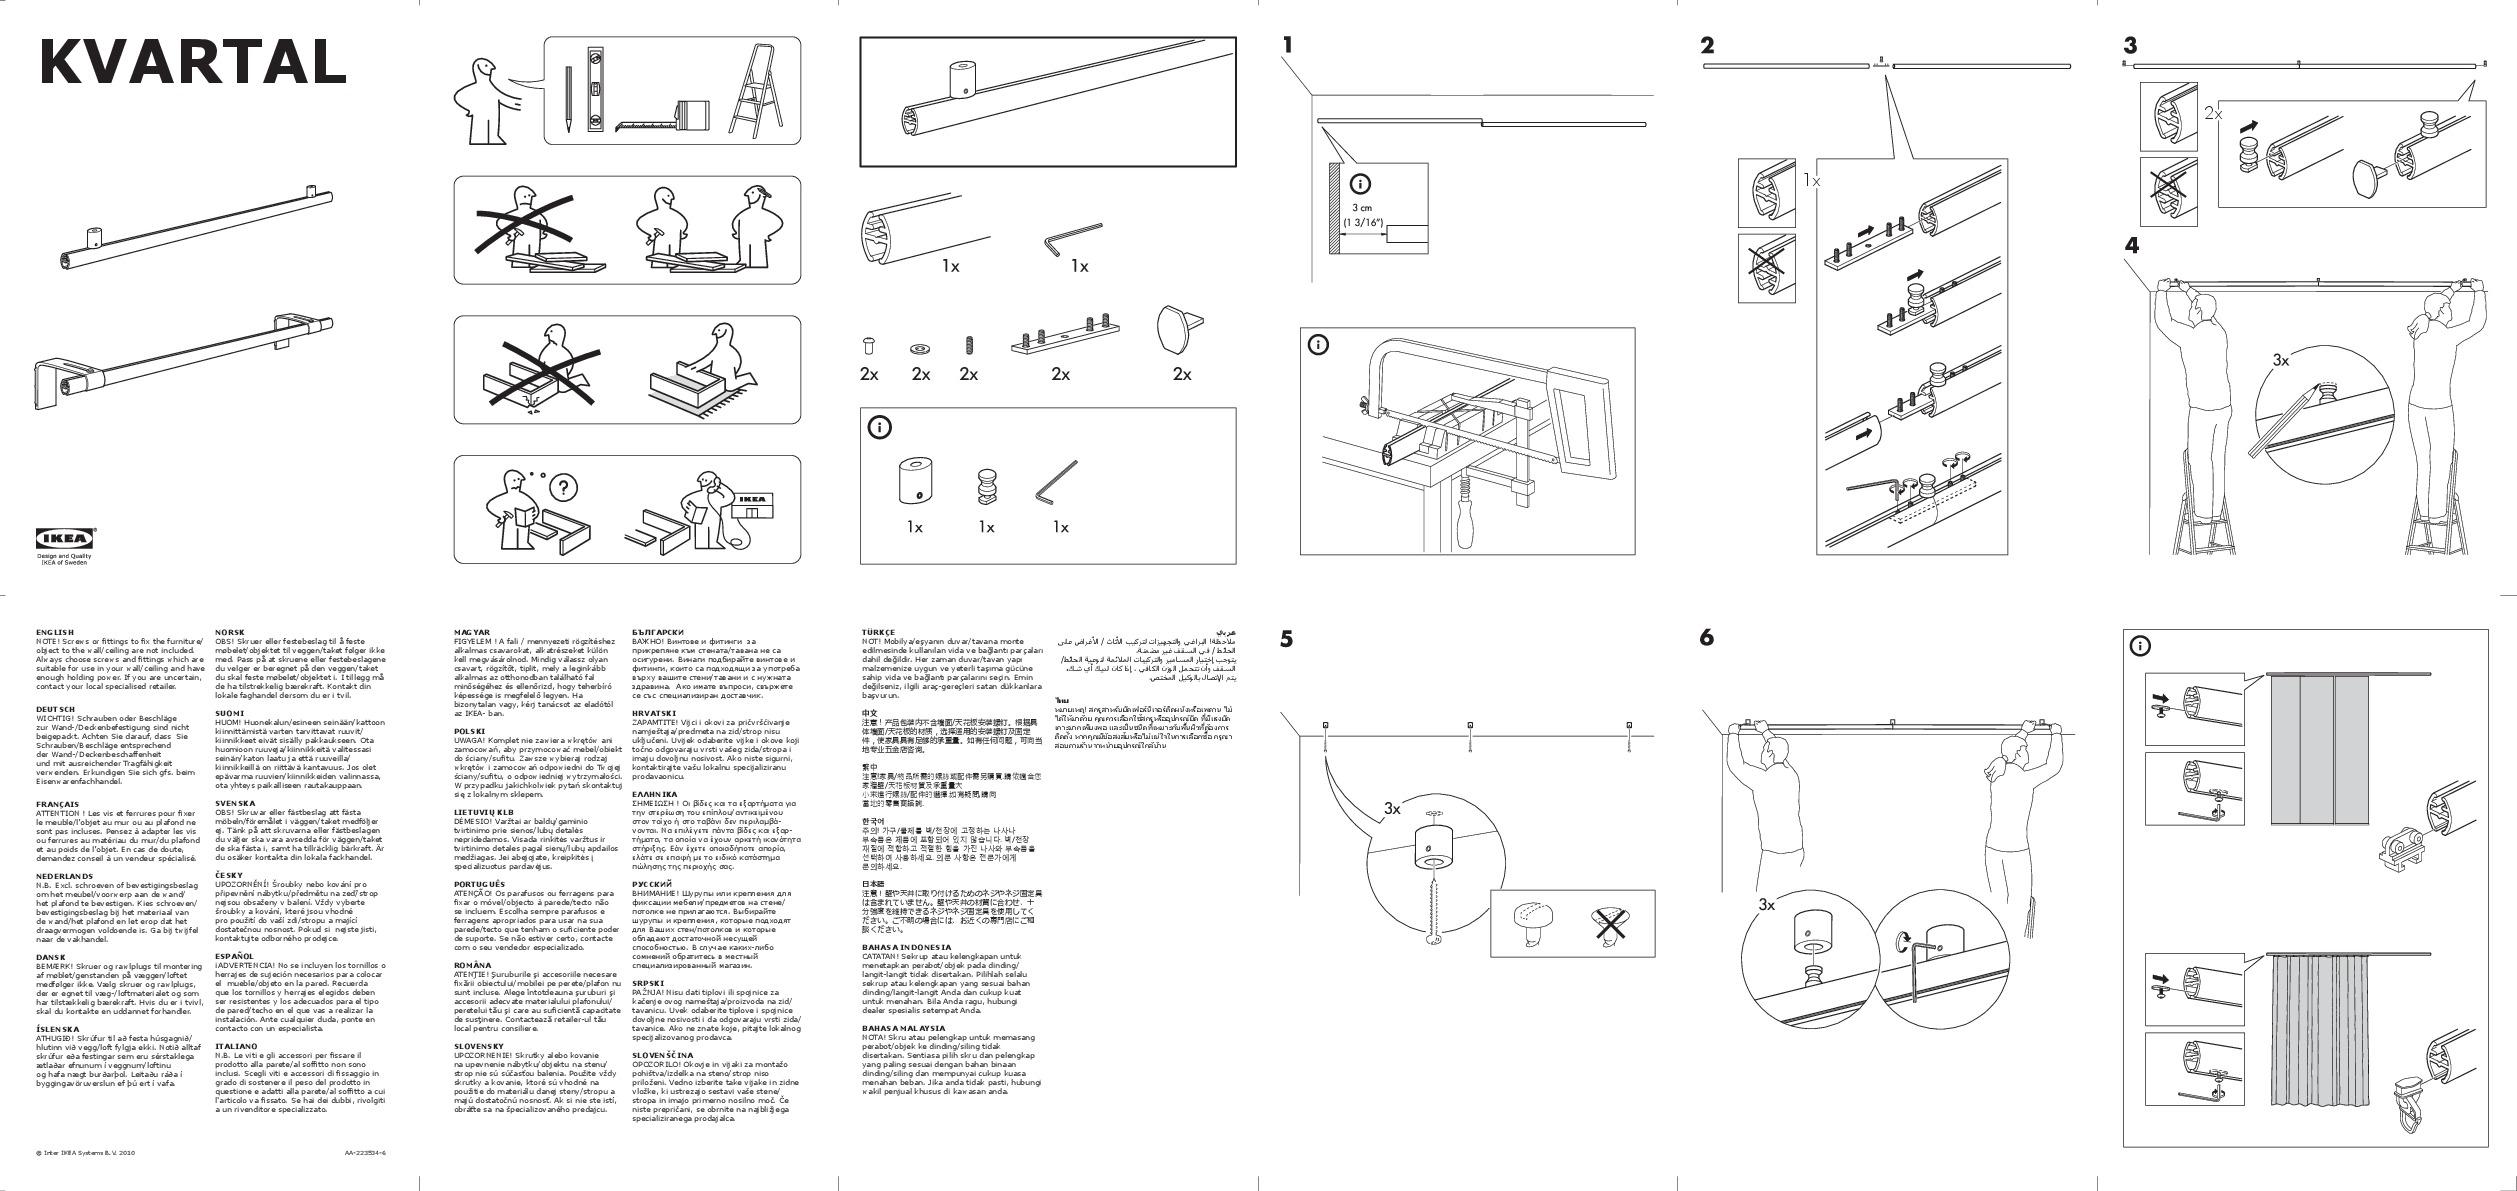 Kvartal single track rail aluminum color ikea united for Ikea tracking usa